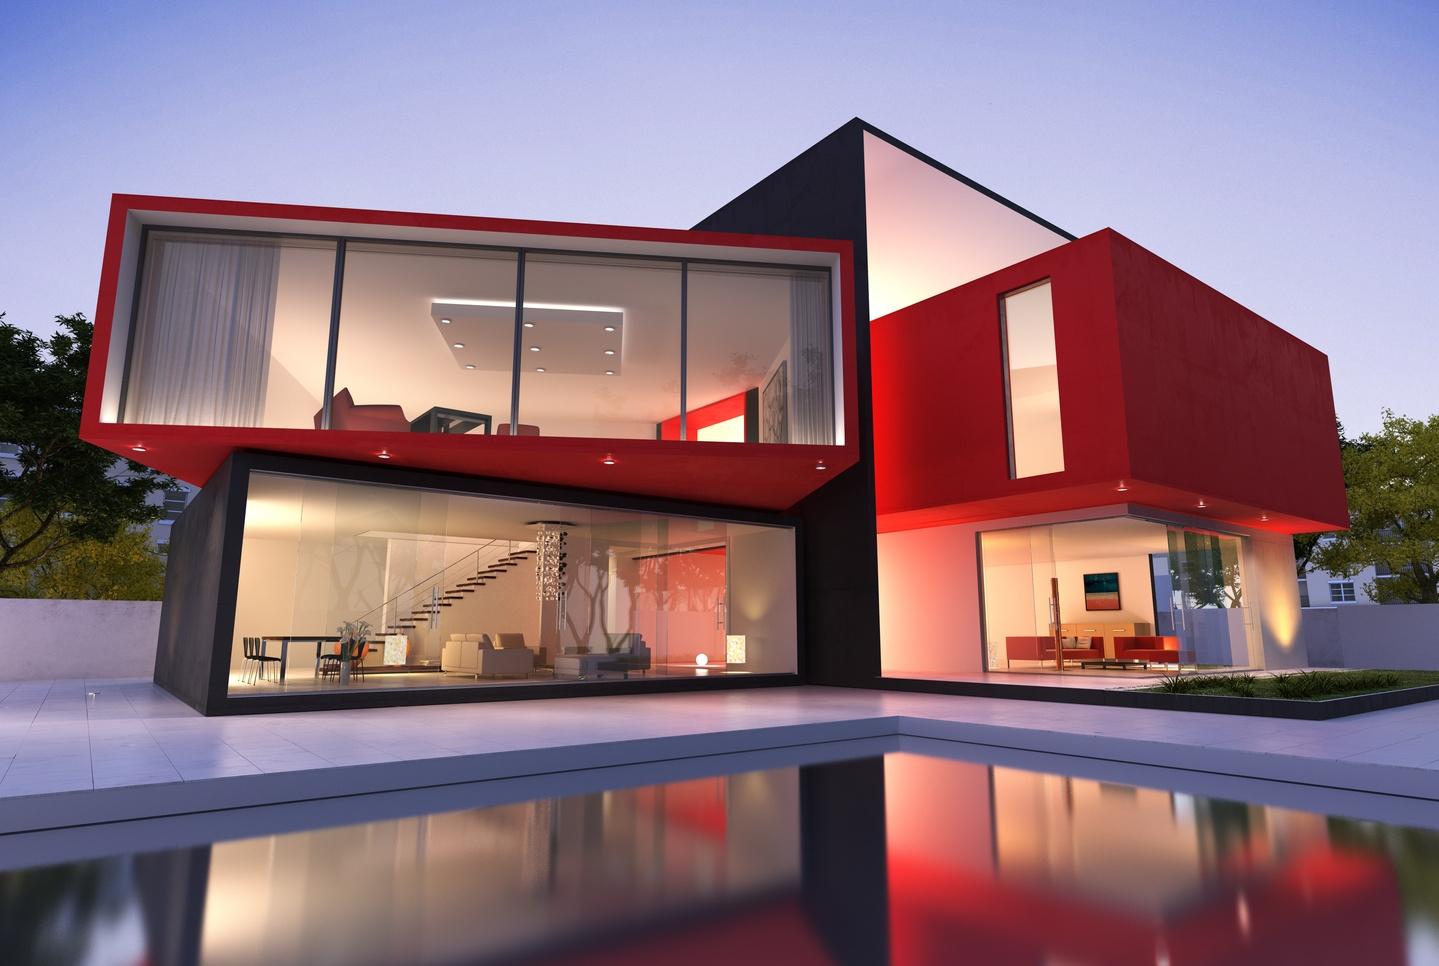 herzlich willkommen bei d rnhoff immobilien seit 1968 ihr immobilienmakler in dortmund wir. Black Bedroom Furniture Sets. Home Design Ideas